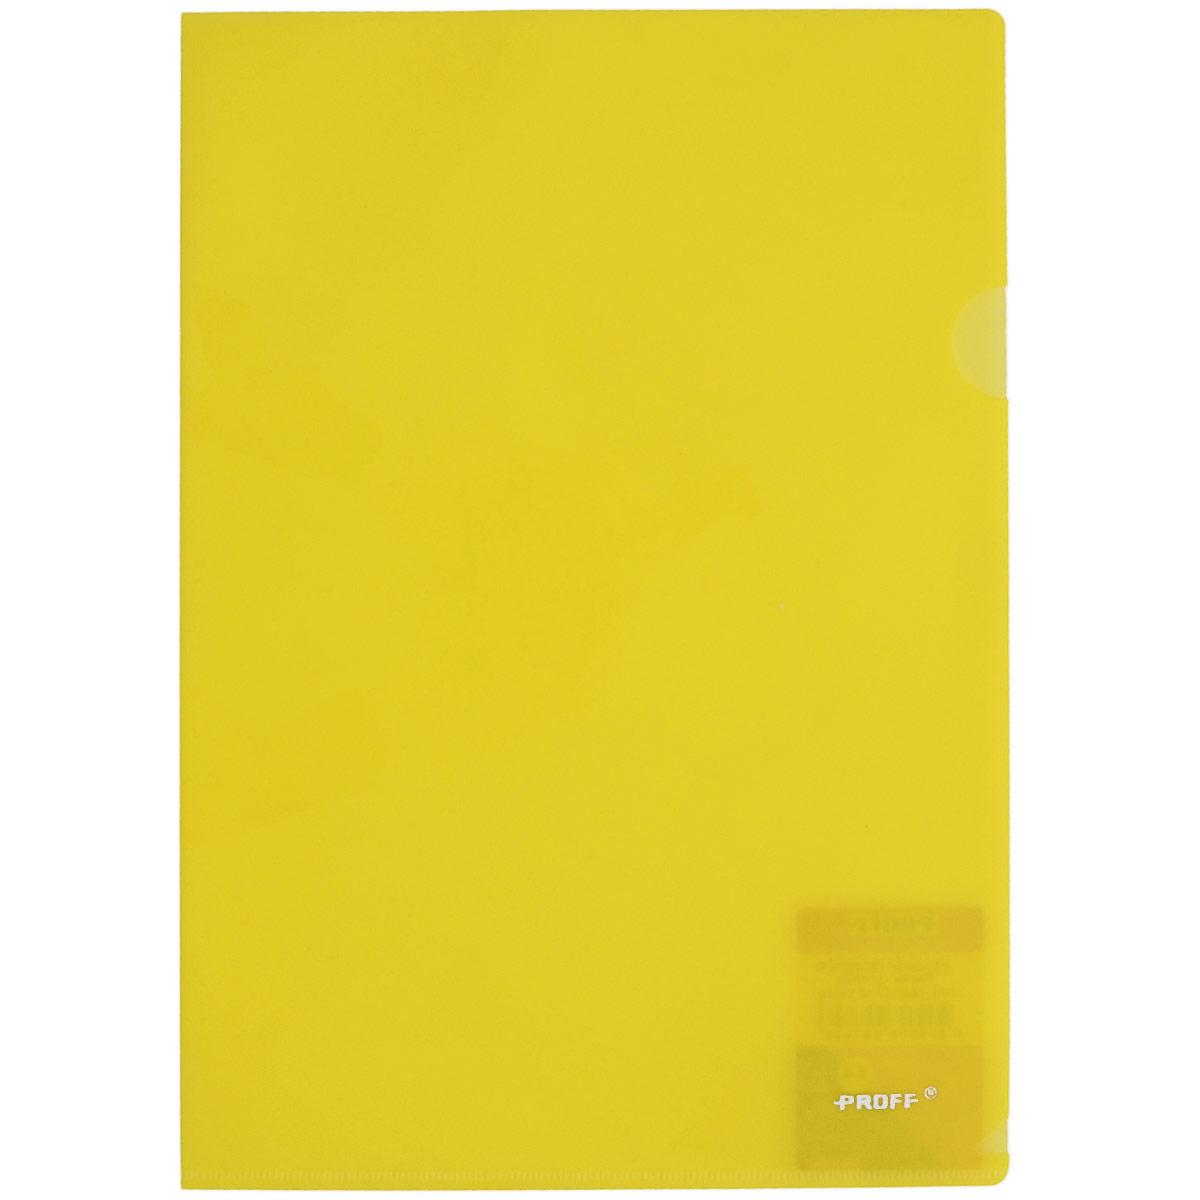 Папка-уголок Proff Alpha, цвет: желтый. Формат А4CH510A/20-TF-02Папка-уголок Proff Alpha, изготовленная из высококачественного полипропилена, это удобный и практичный офисный инструмент, предназначенный для хранения и транспортировки рабочих бумаг и документов формата А4. Полупрозрачная глянцевая папка имеет опрятный и неброский вид. Папка-уголок - это незаменимый атрибут для студента, школьника, офисного работника. Такая папка надежно сохранит ваши документы и сбережет их от повреждений, пыли и влаги.